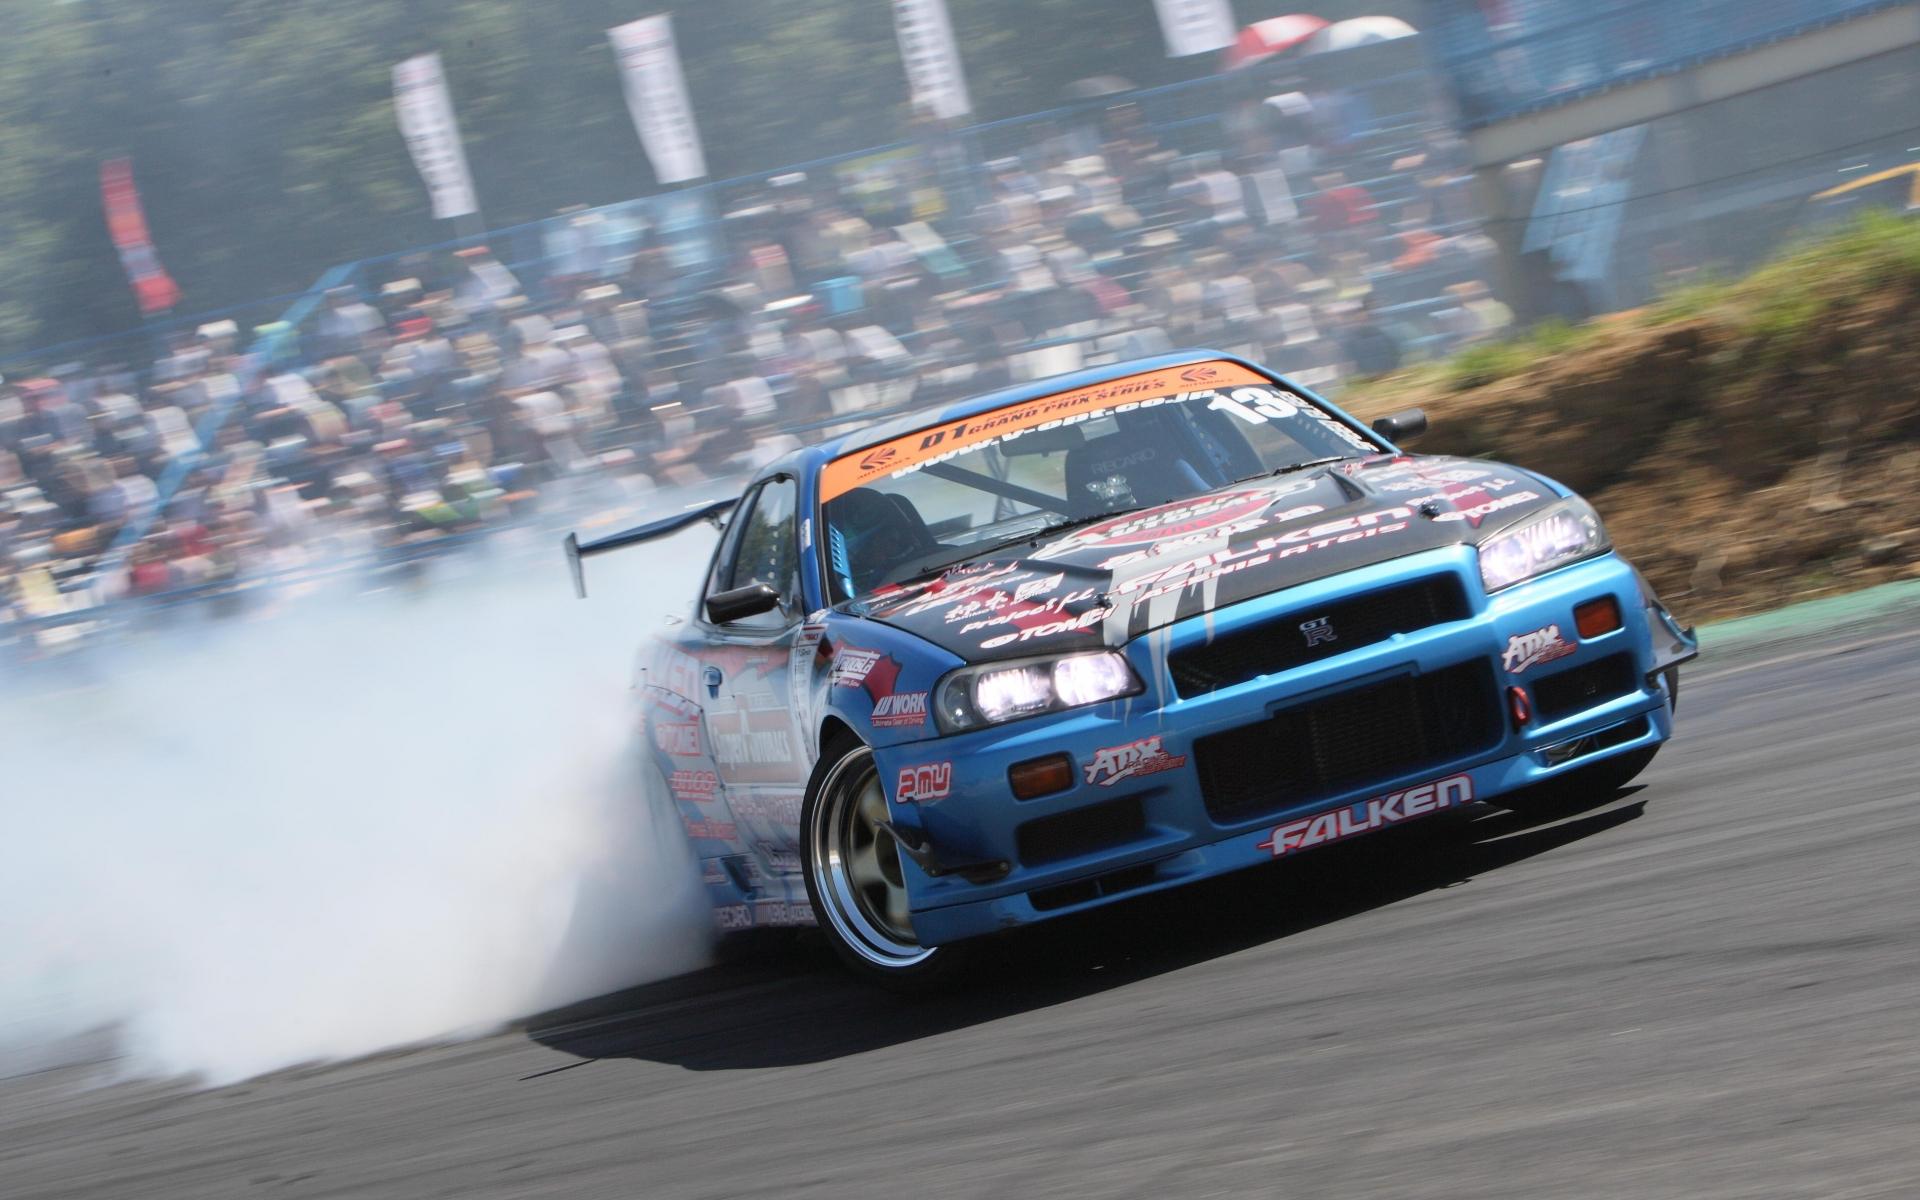 1680x1050 cars drift - photo #25